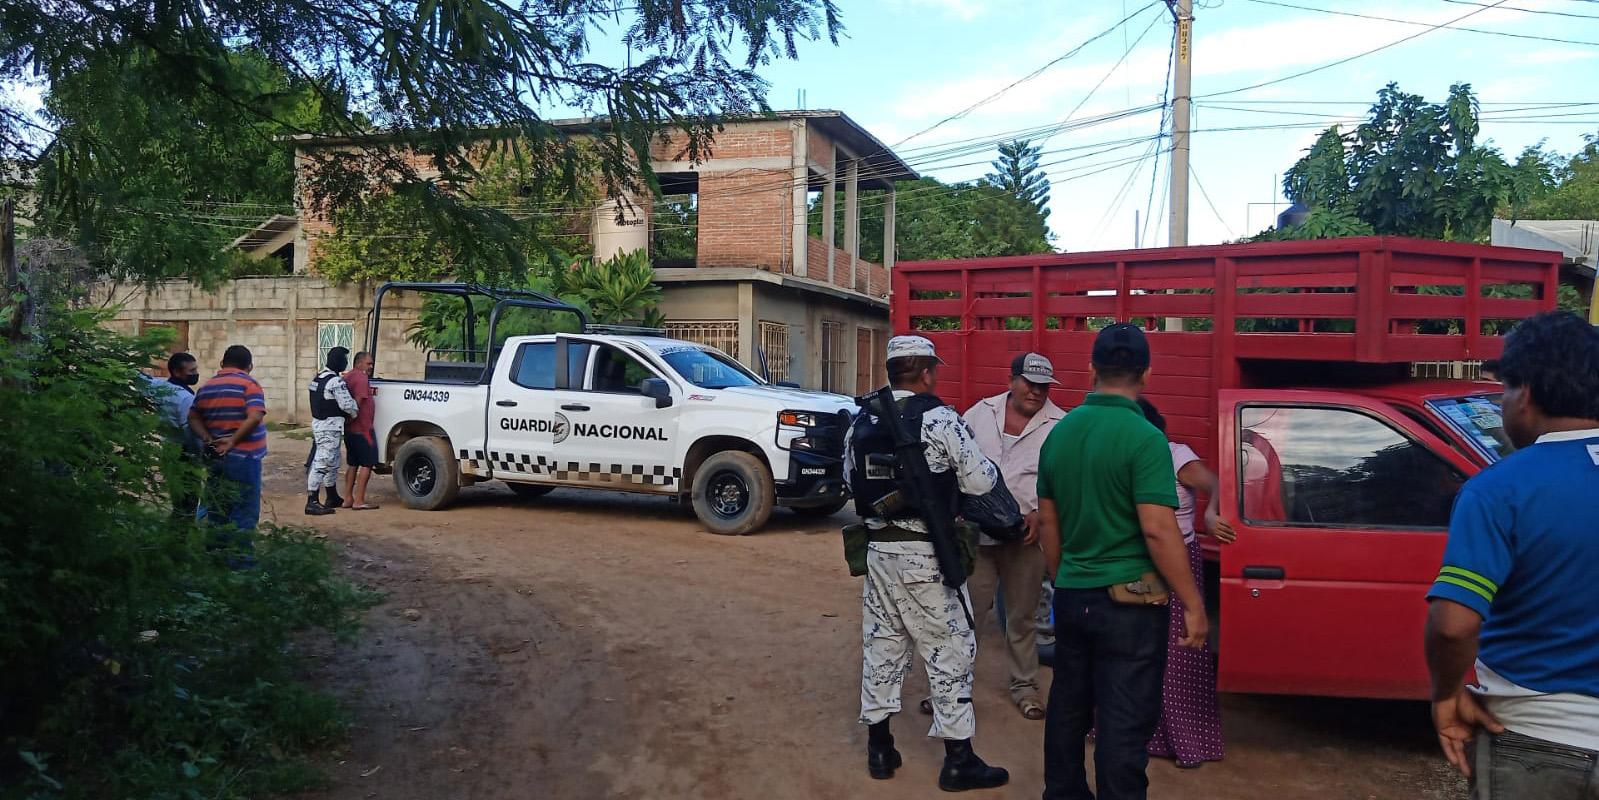 Detenido por robar camioneta estaquitas   El Imparcial de Oaxaca